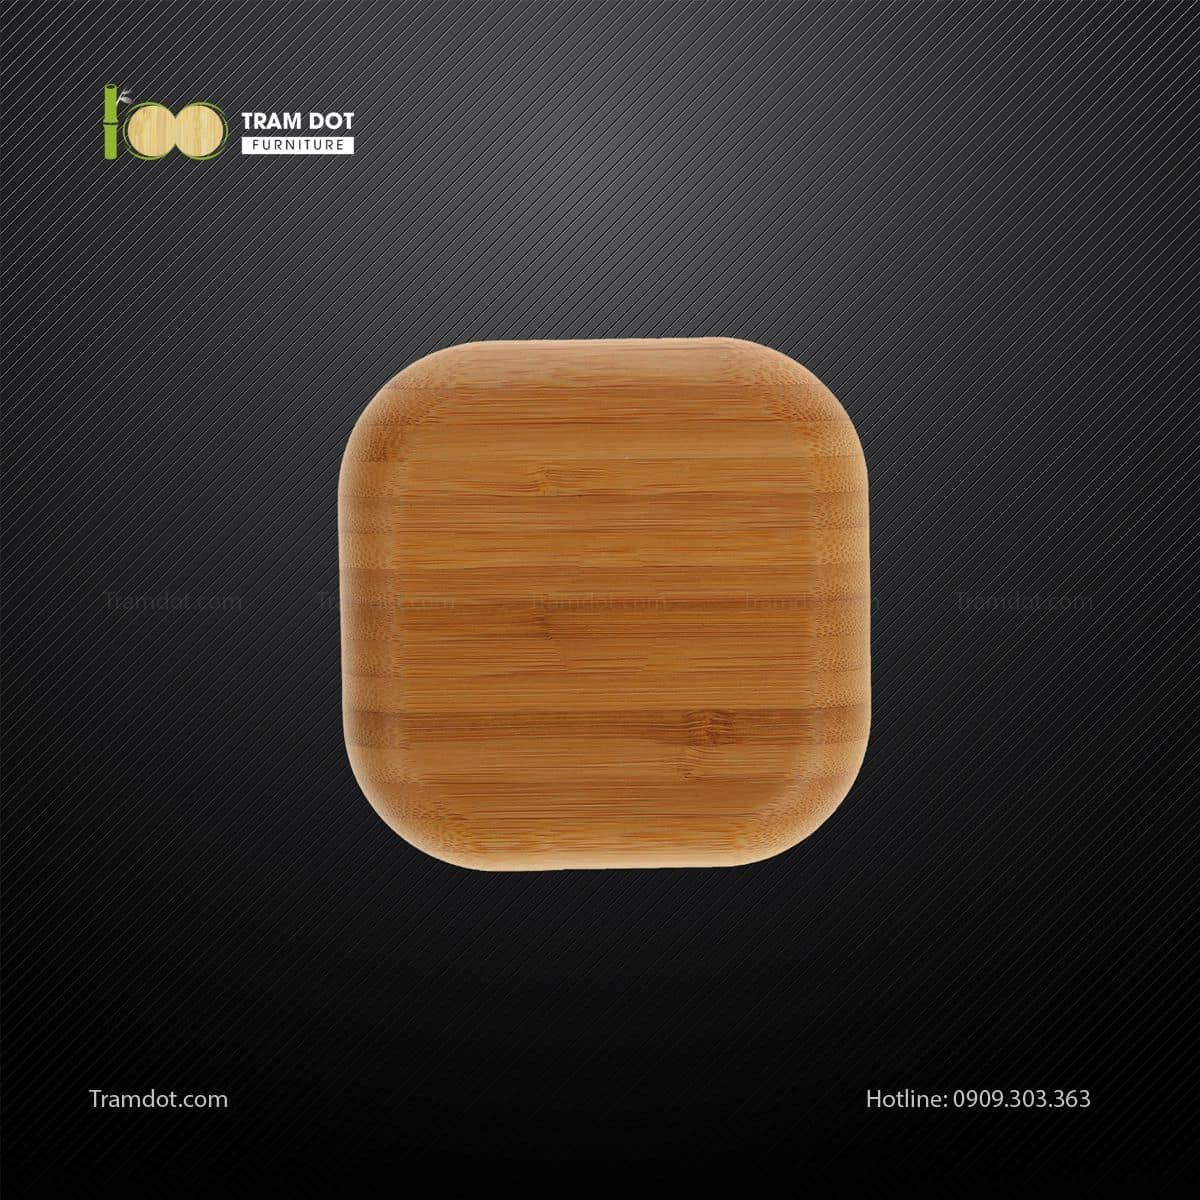 Đĩa tre vuông 12.5x12.5cm TRAMDOT